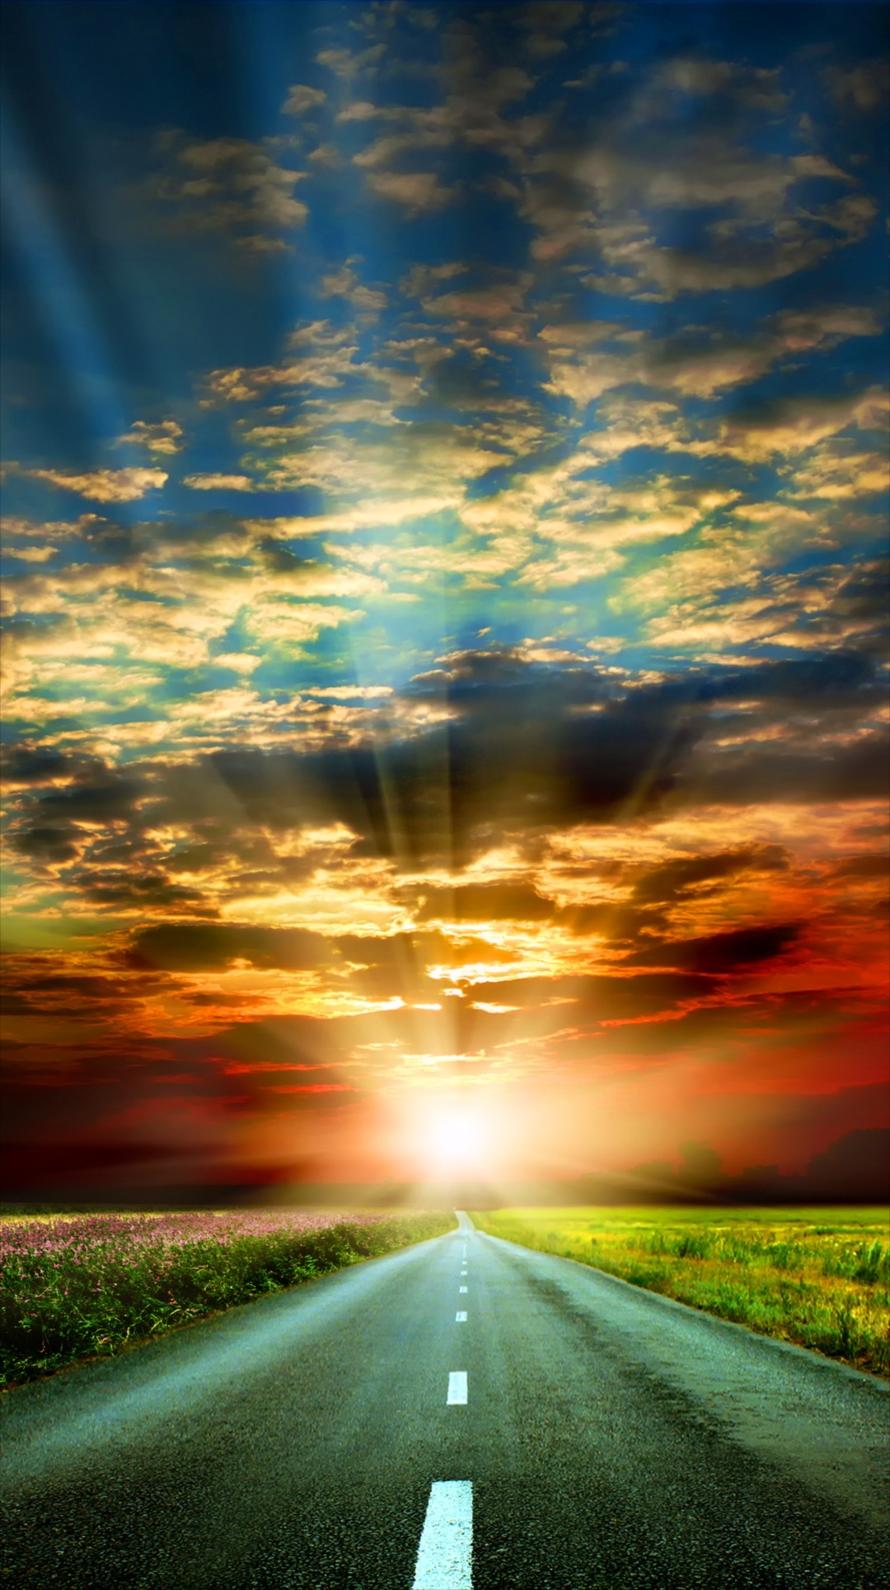 夕日と真っ直ぐな道 Iphone6壁紙 Wallpaperbox